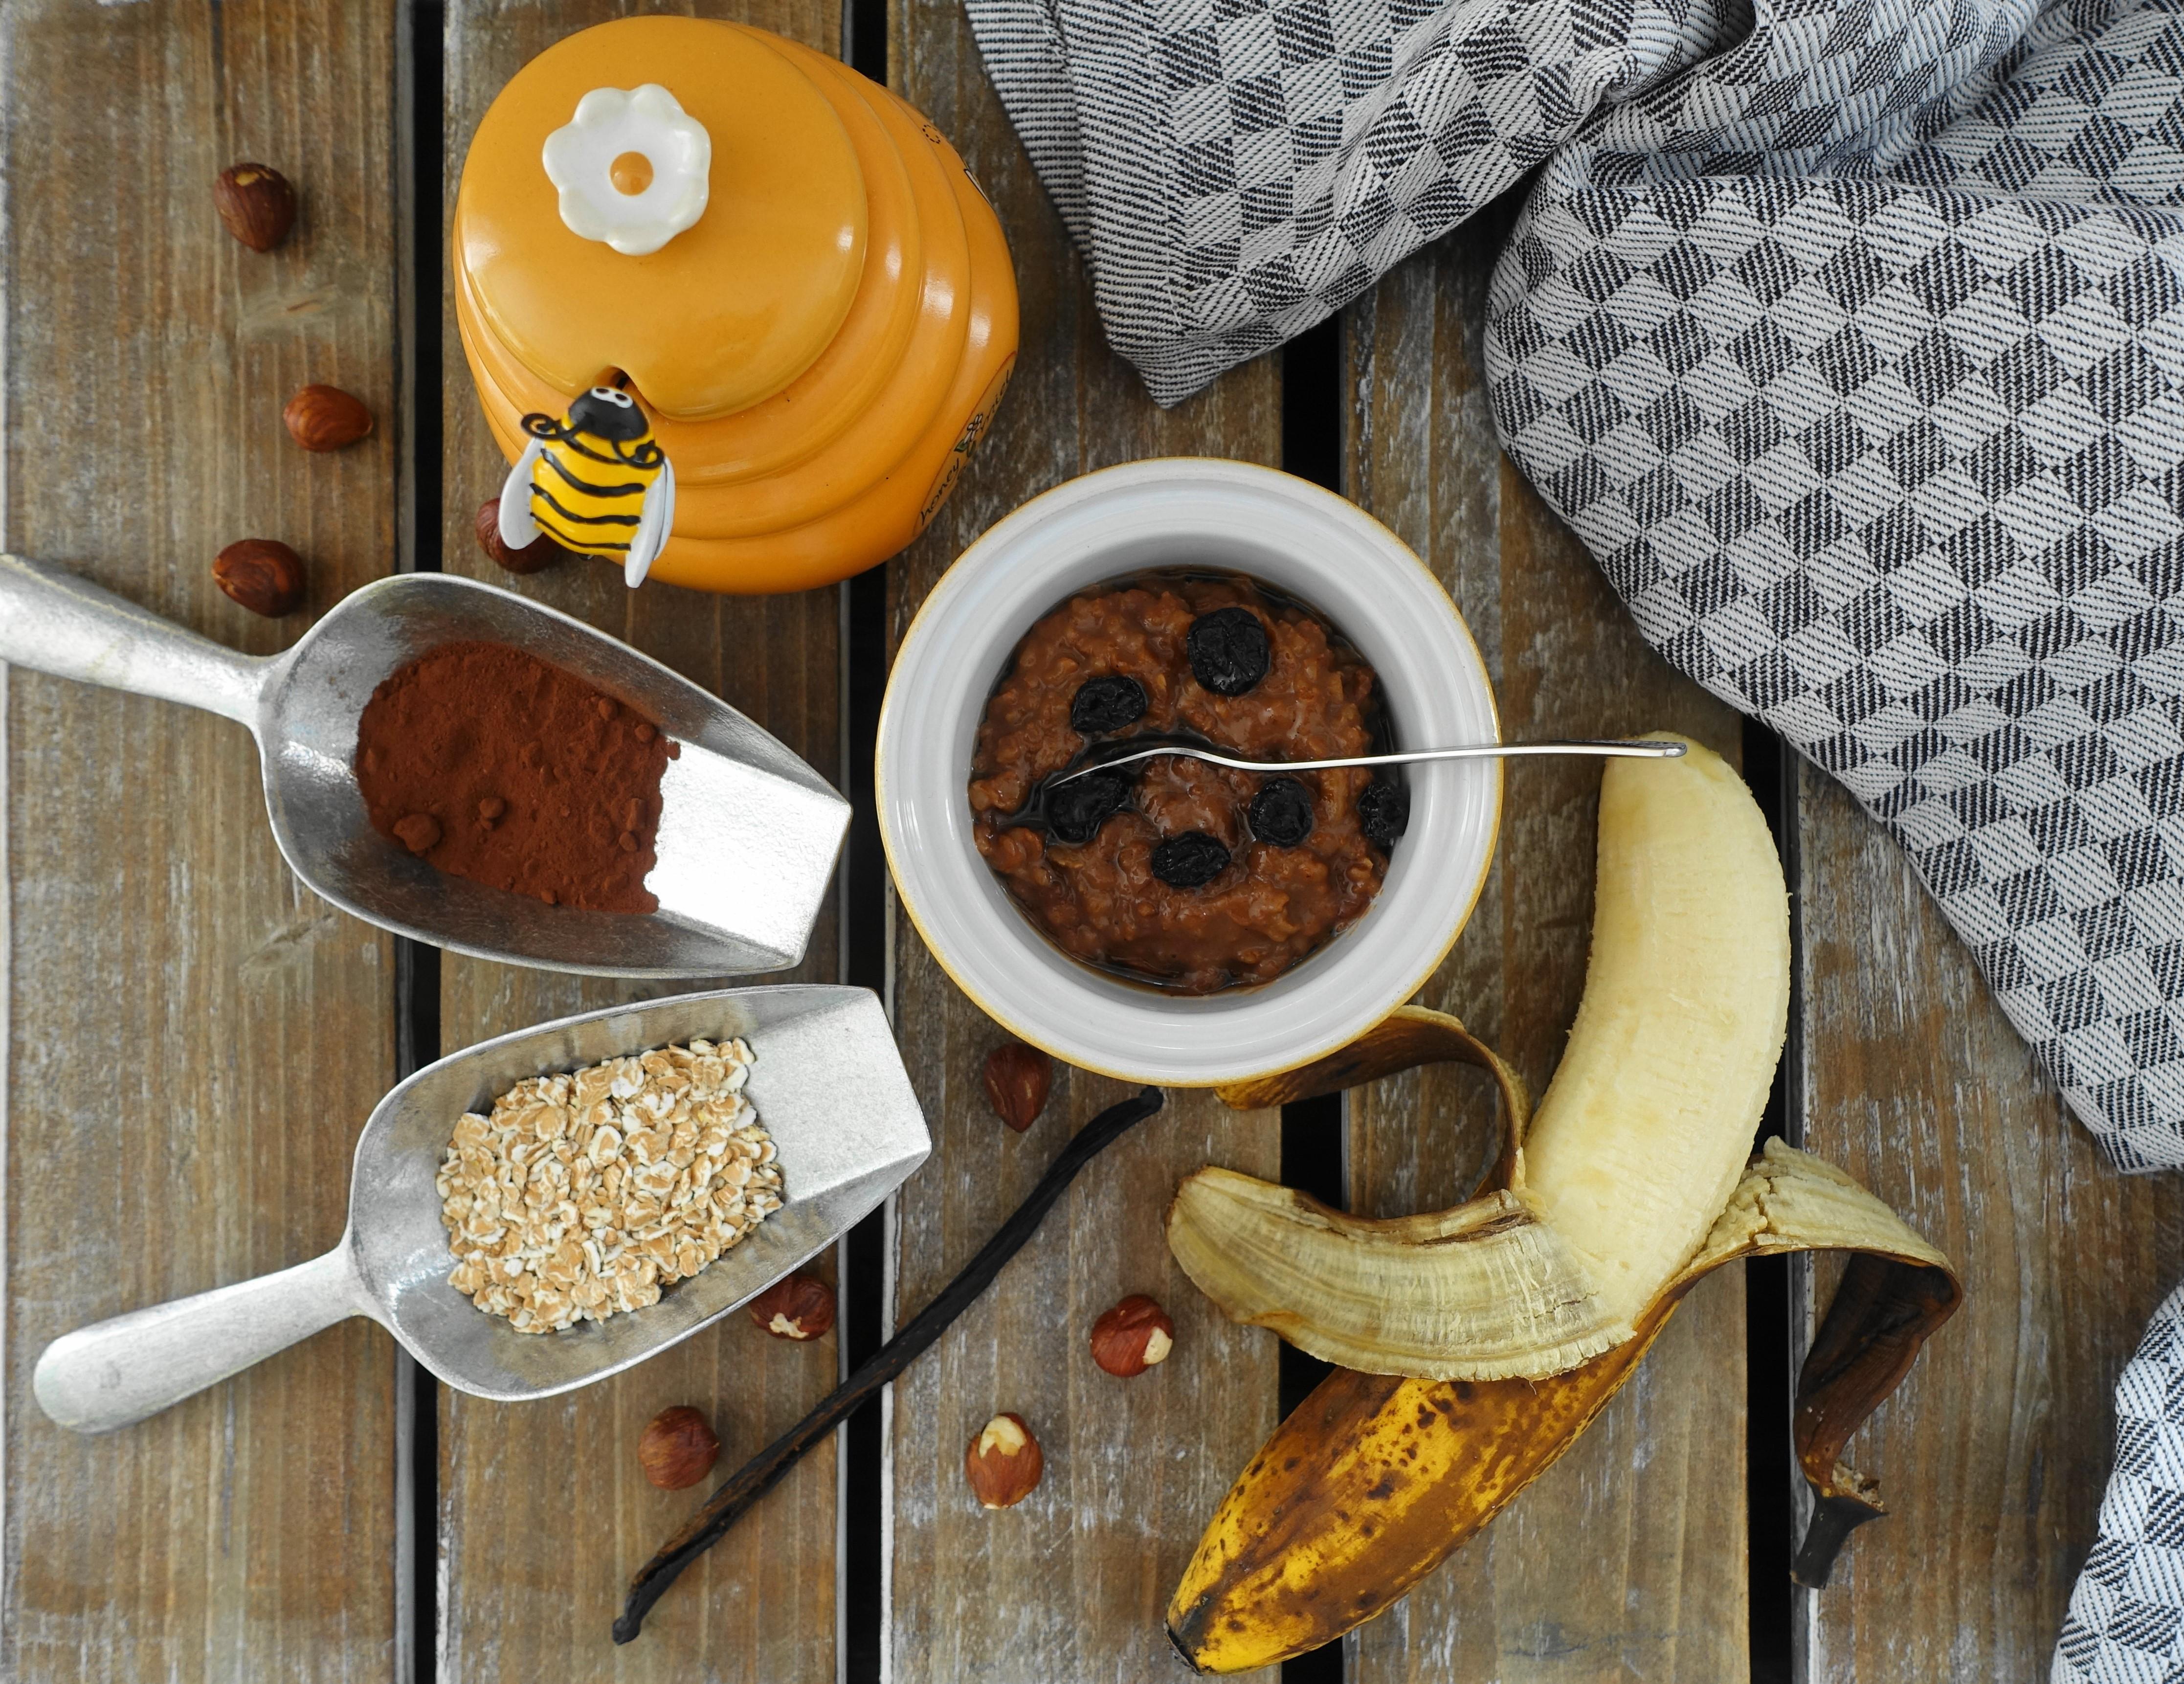 Resteverwertung, Waste Cooking, überreife Bananen,kochen mit braunen Bananen, nachhaltig, Porridge, selbst gemacht, Müsli, Frühstück, Brei, warmes Frühstück